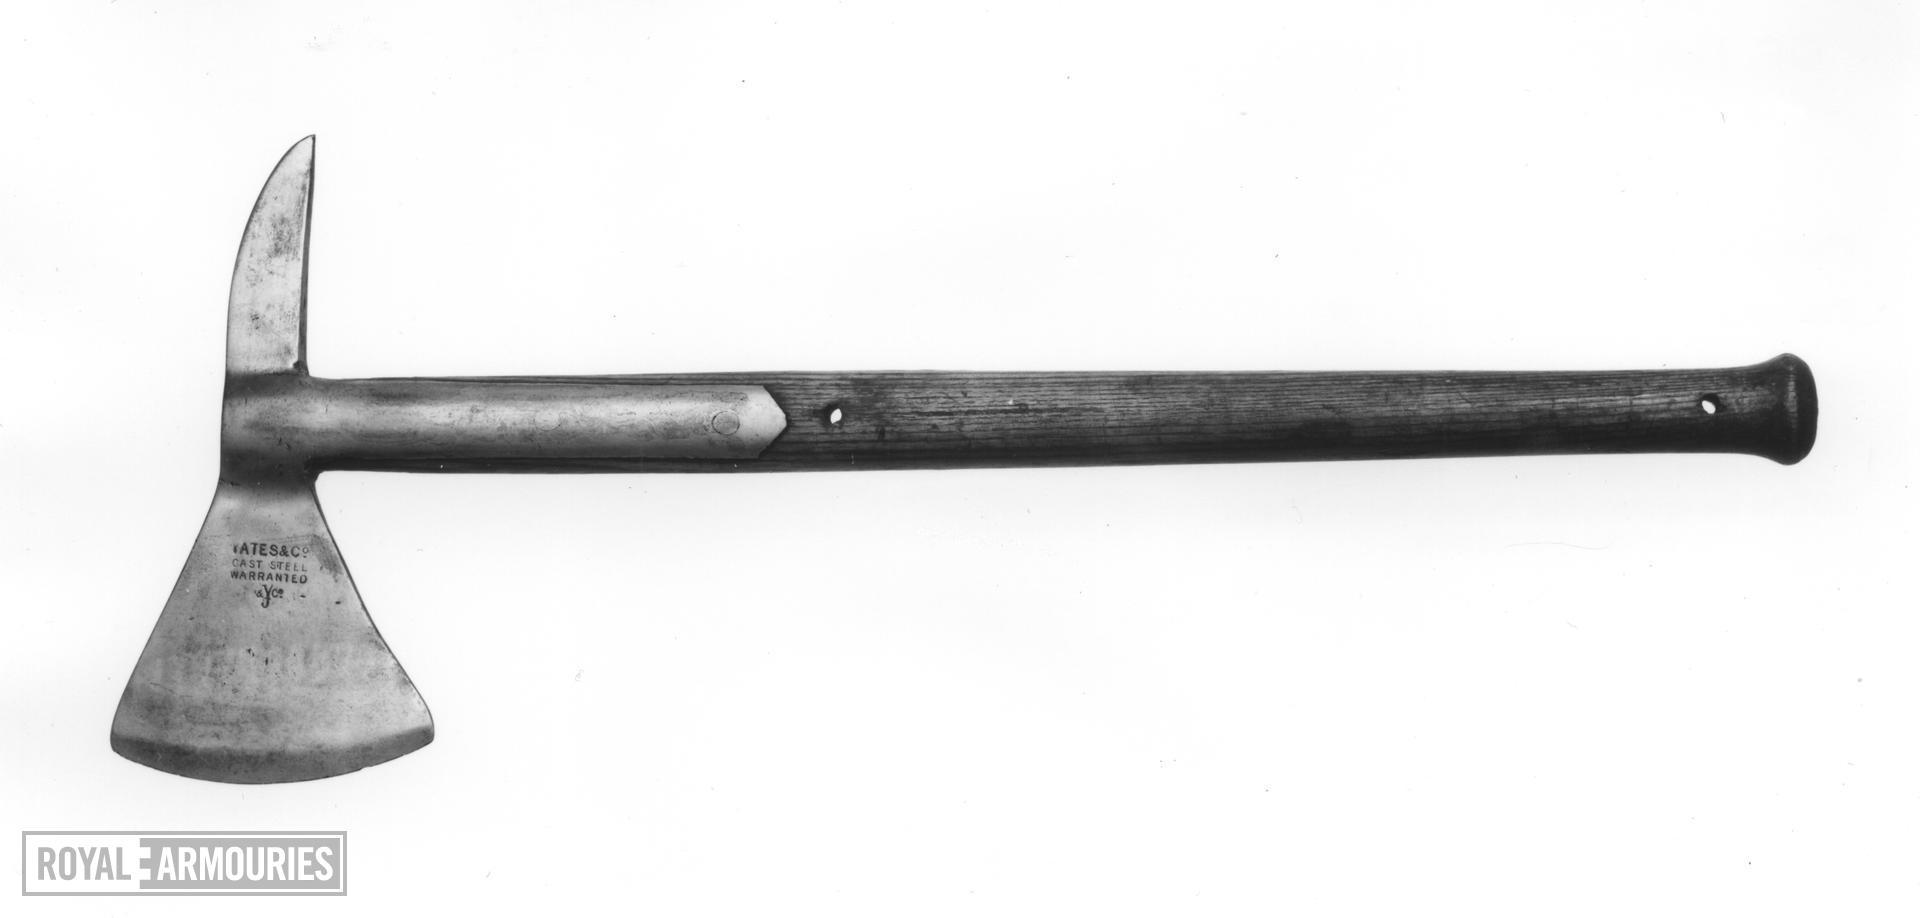 Axe Boarding axe